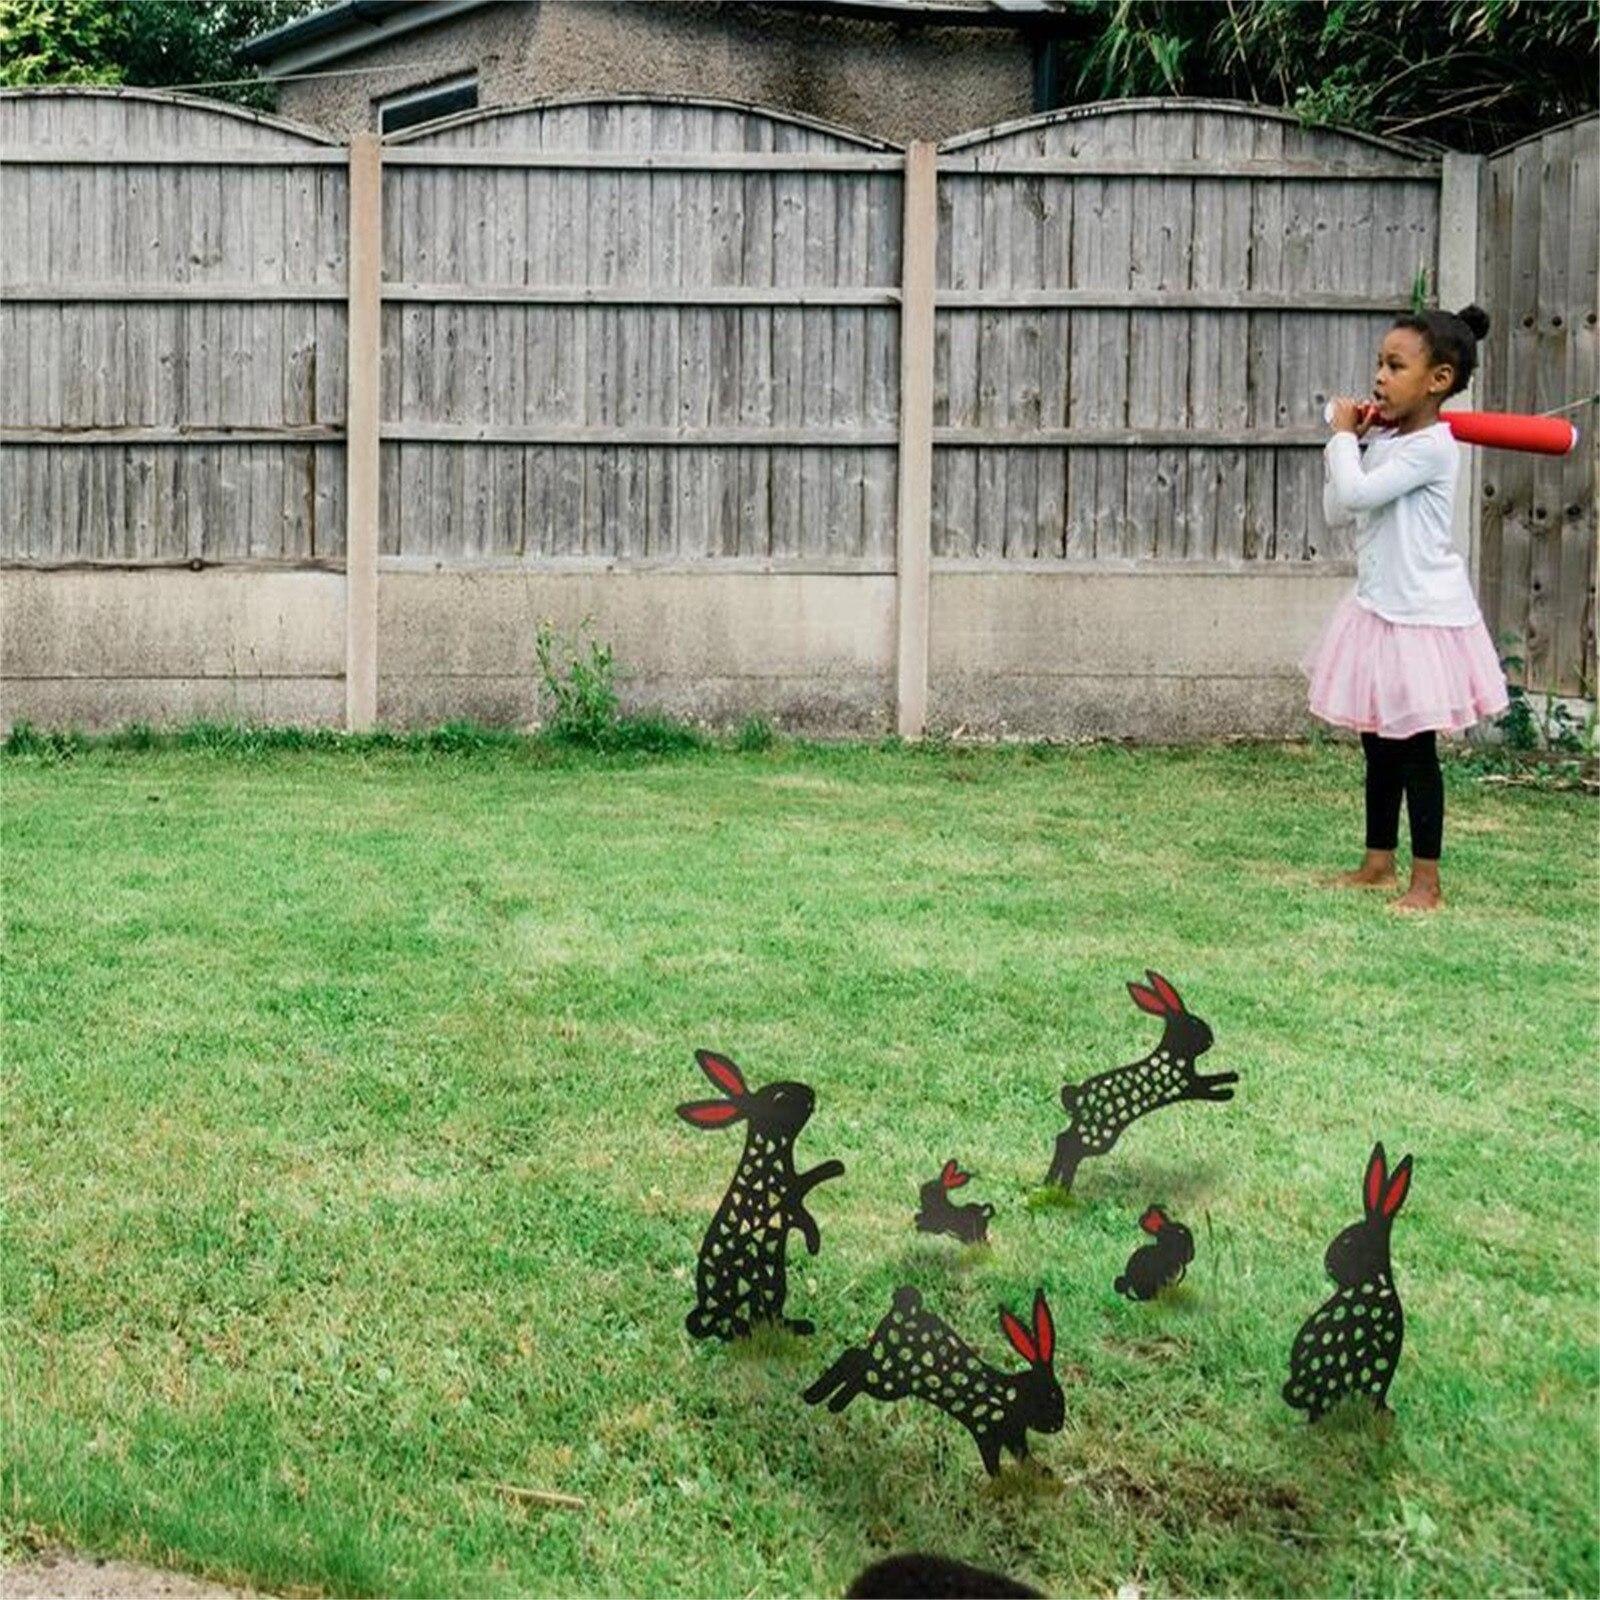 لتقوم بها بنفسك فن المعادن تكيلا ريفي النحت حديقة ساحة النحت ديكور المنزل الأرنب حديقة تسجيل الديكور في الهواء الطلق حديقة الديكور